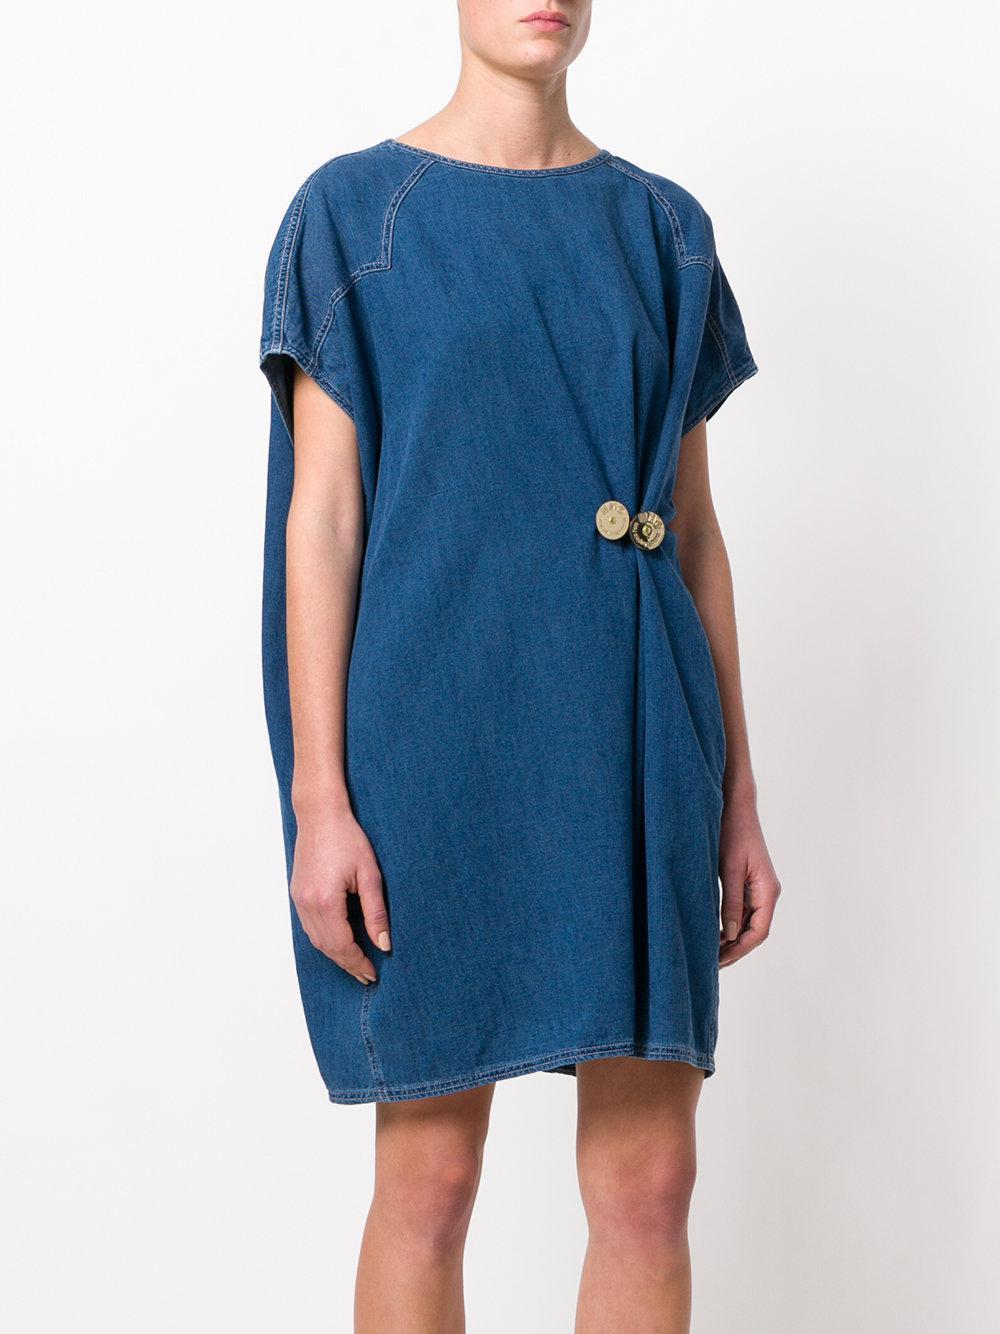 classic denim shift dress - Blue Maison Martin Margiela lnAdtHv